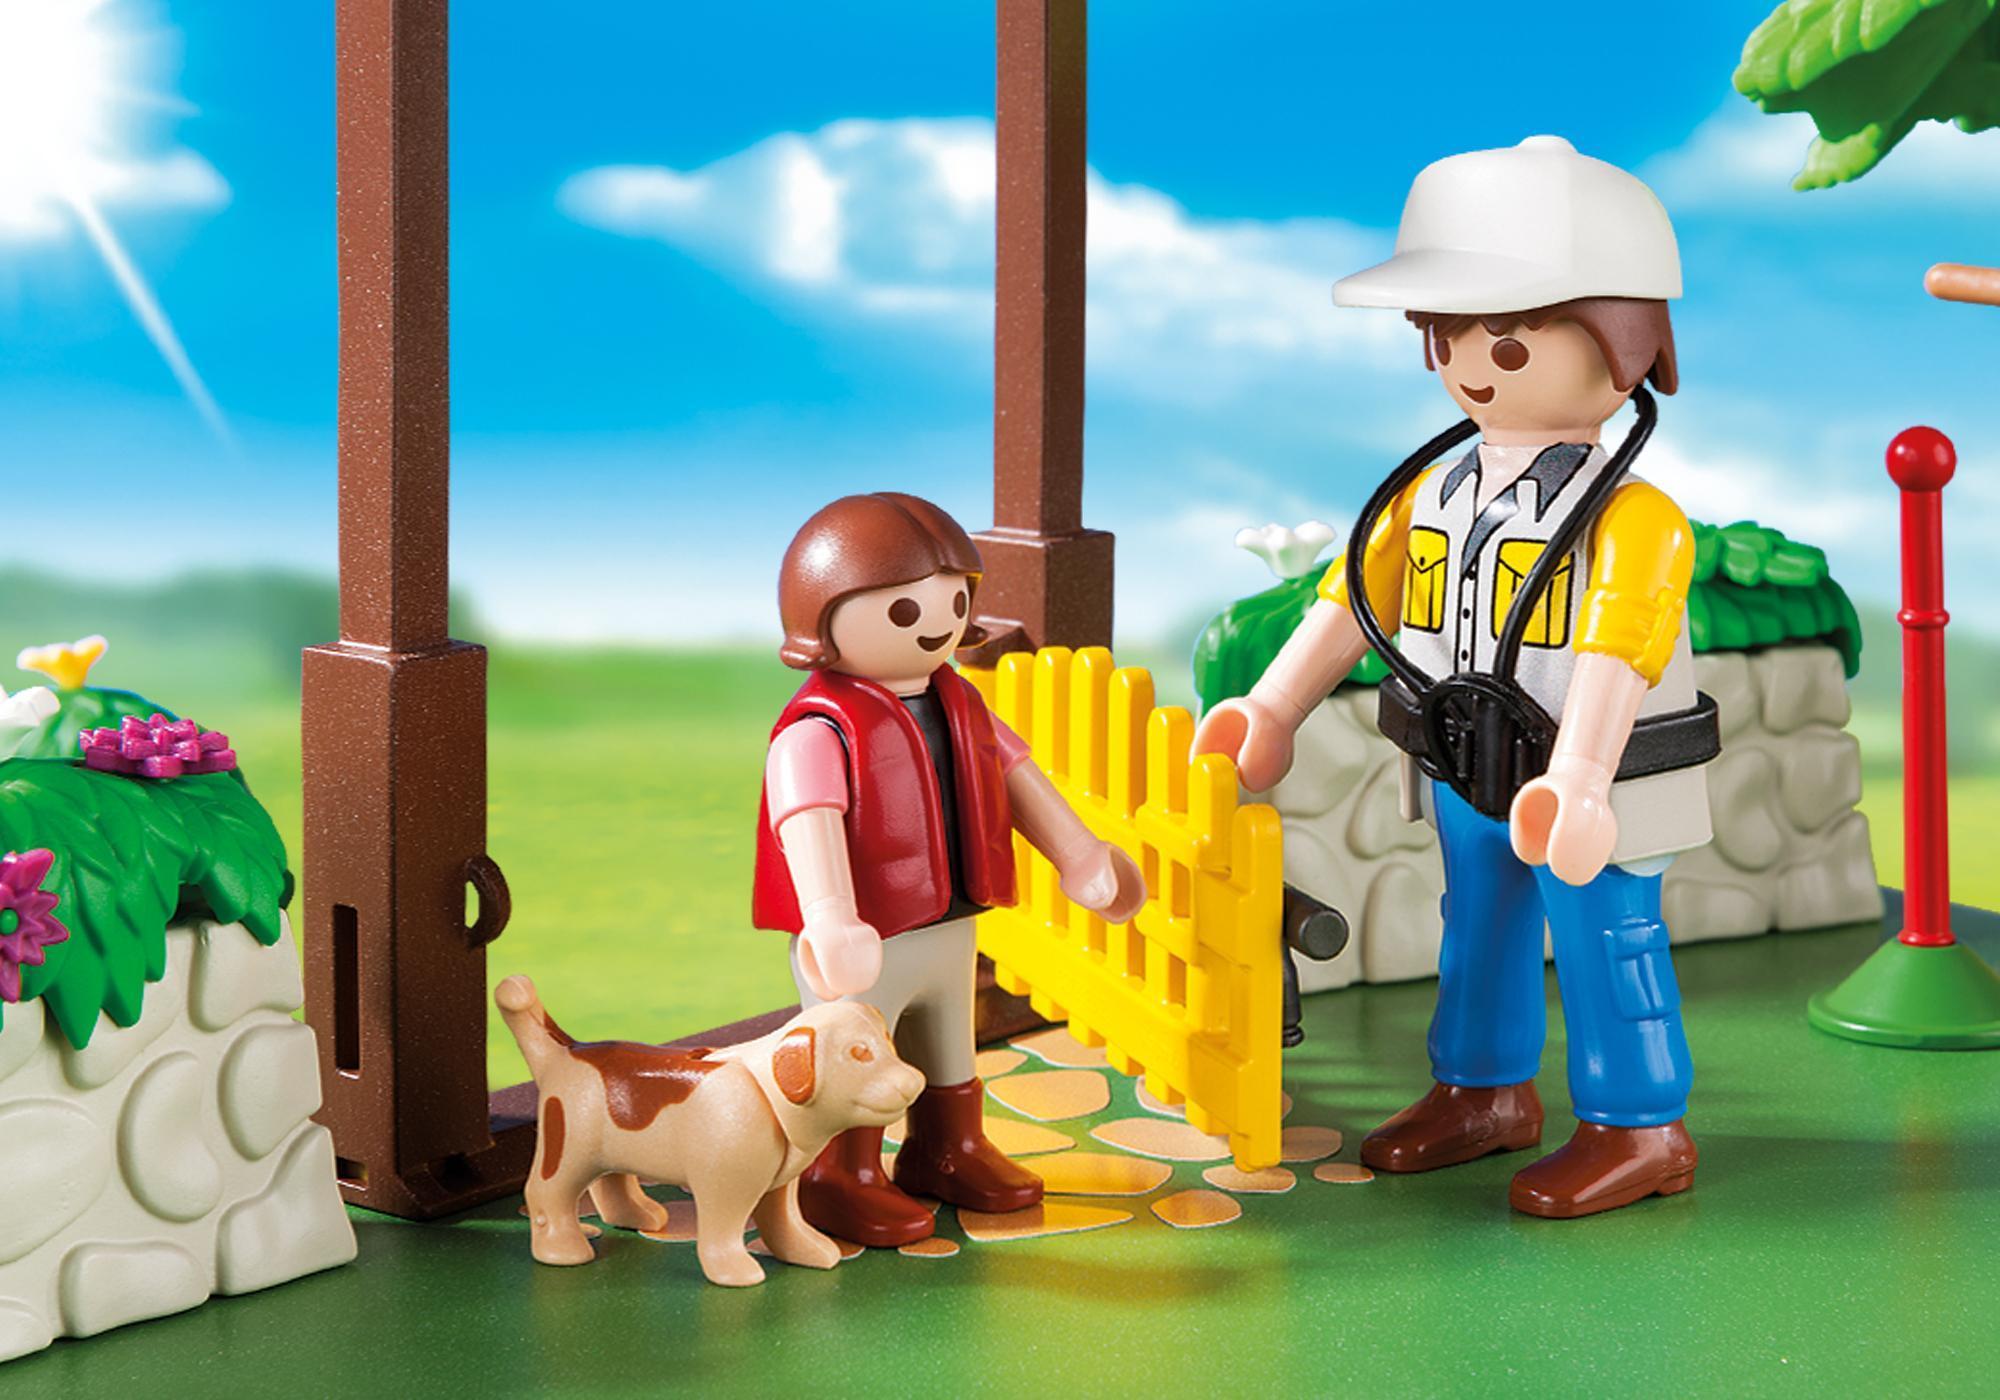 http://media.playmobil.com/i/playmobil/6145_product_extra1/SuperSet Hundeschule